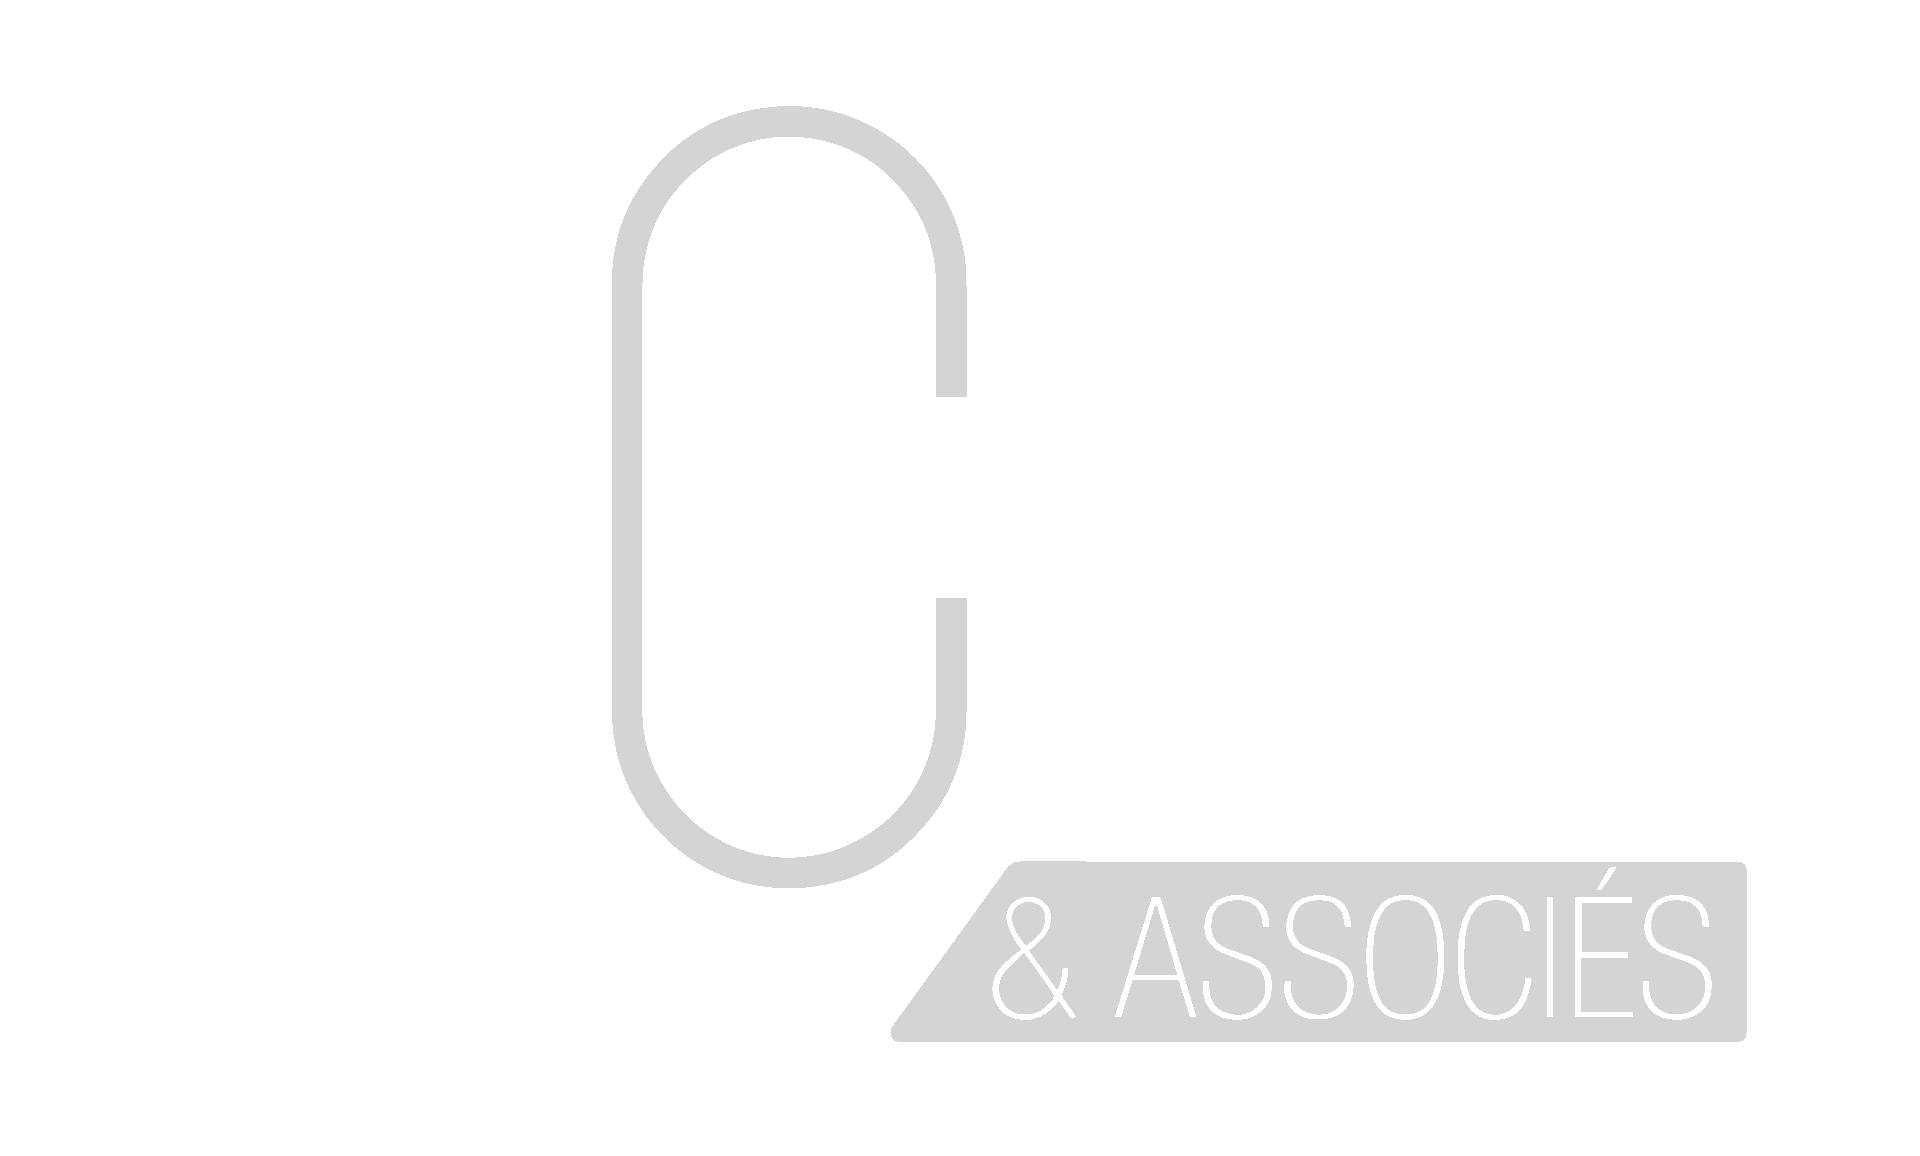 ACE & Associés